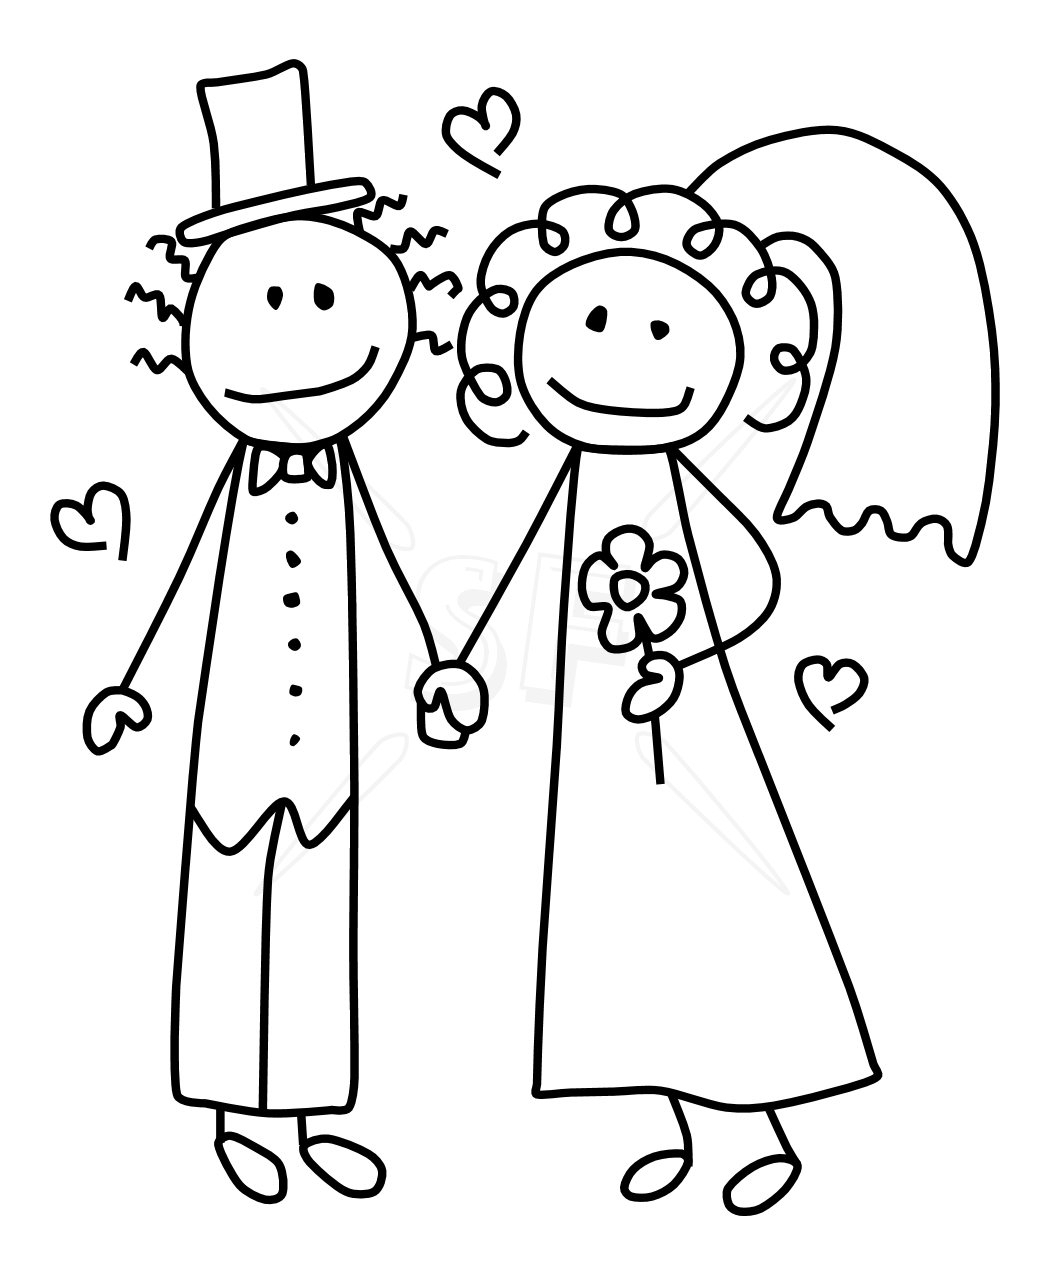 1050x1275 Bride And Groom Drawings